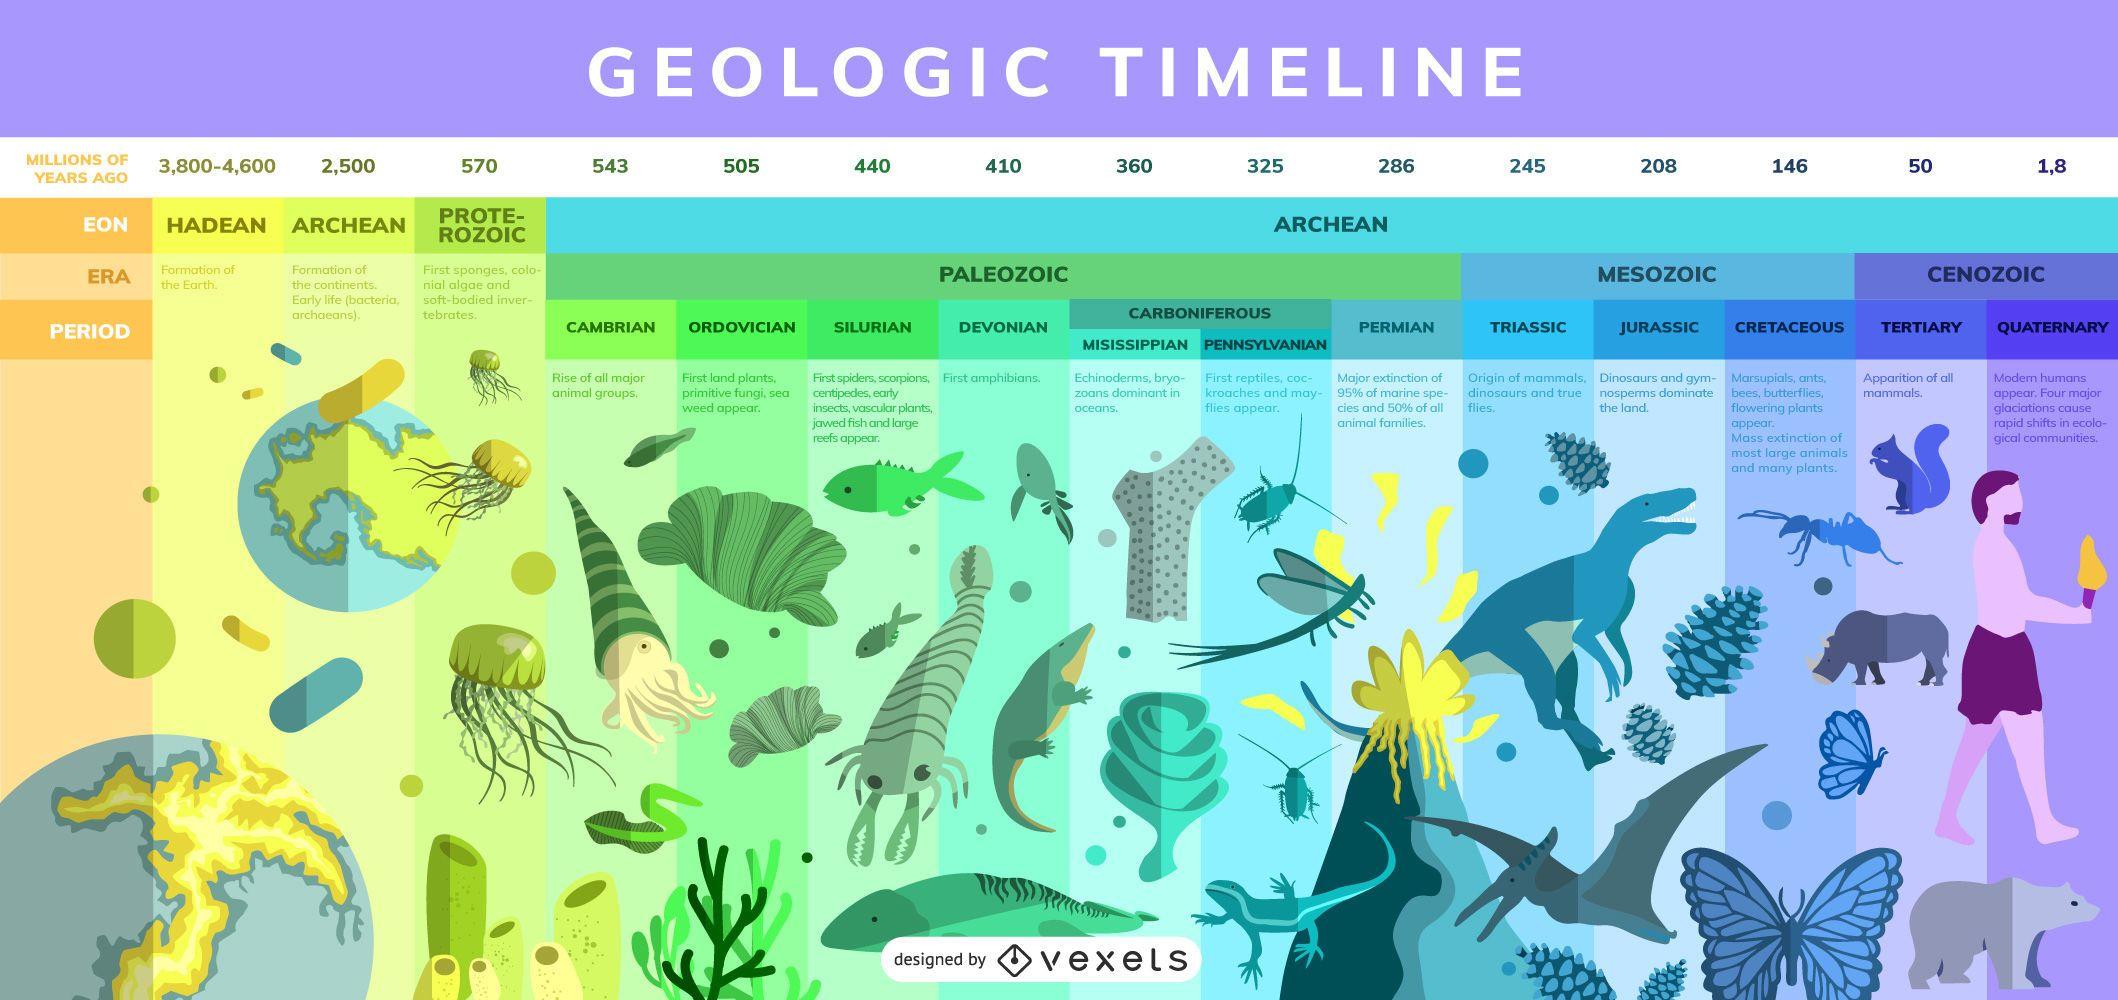 Dise?o de infograf?a de l?nea de tiempo geol?gico